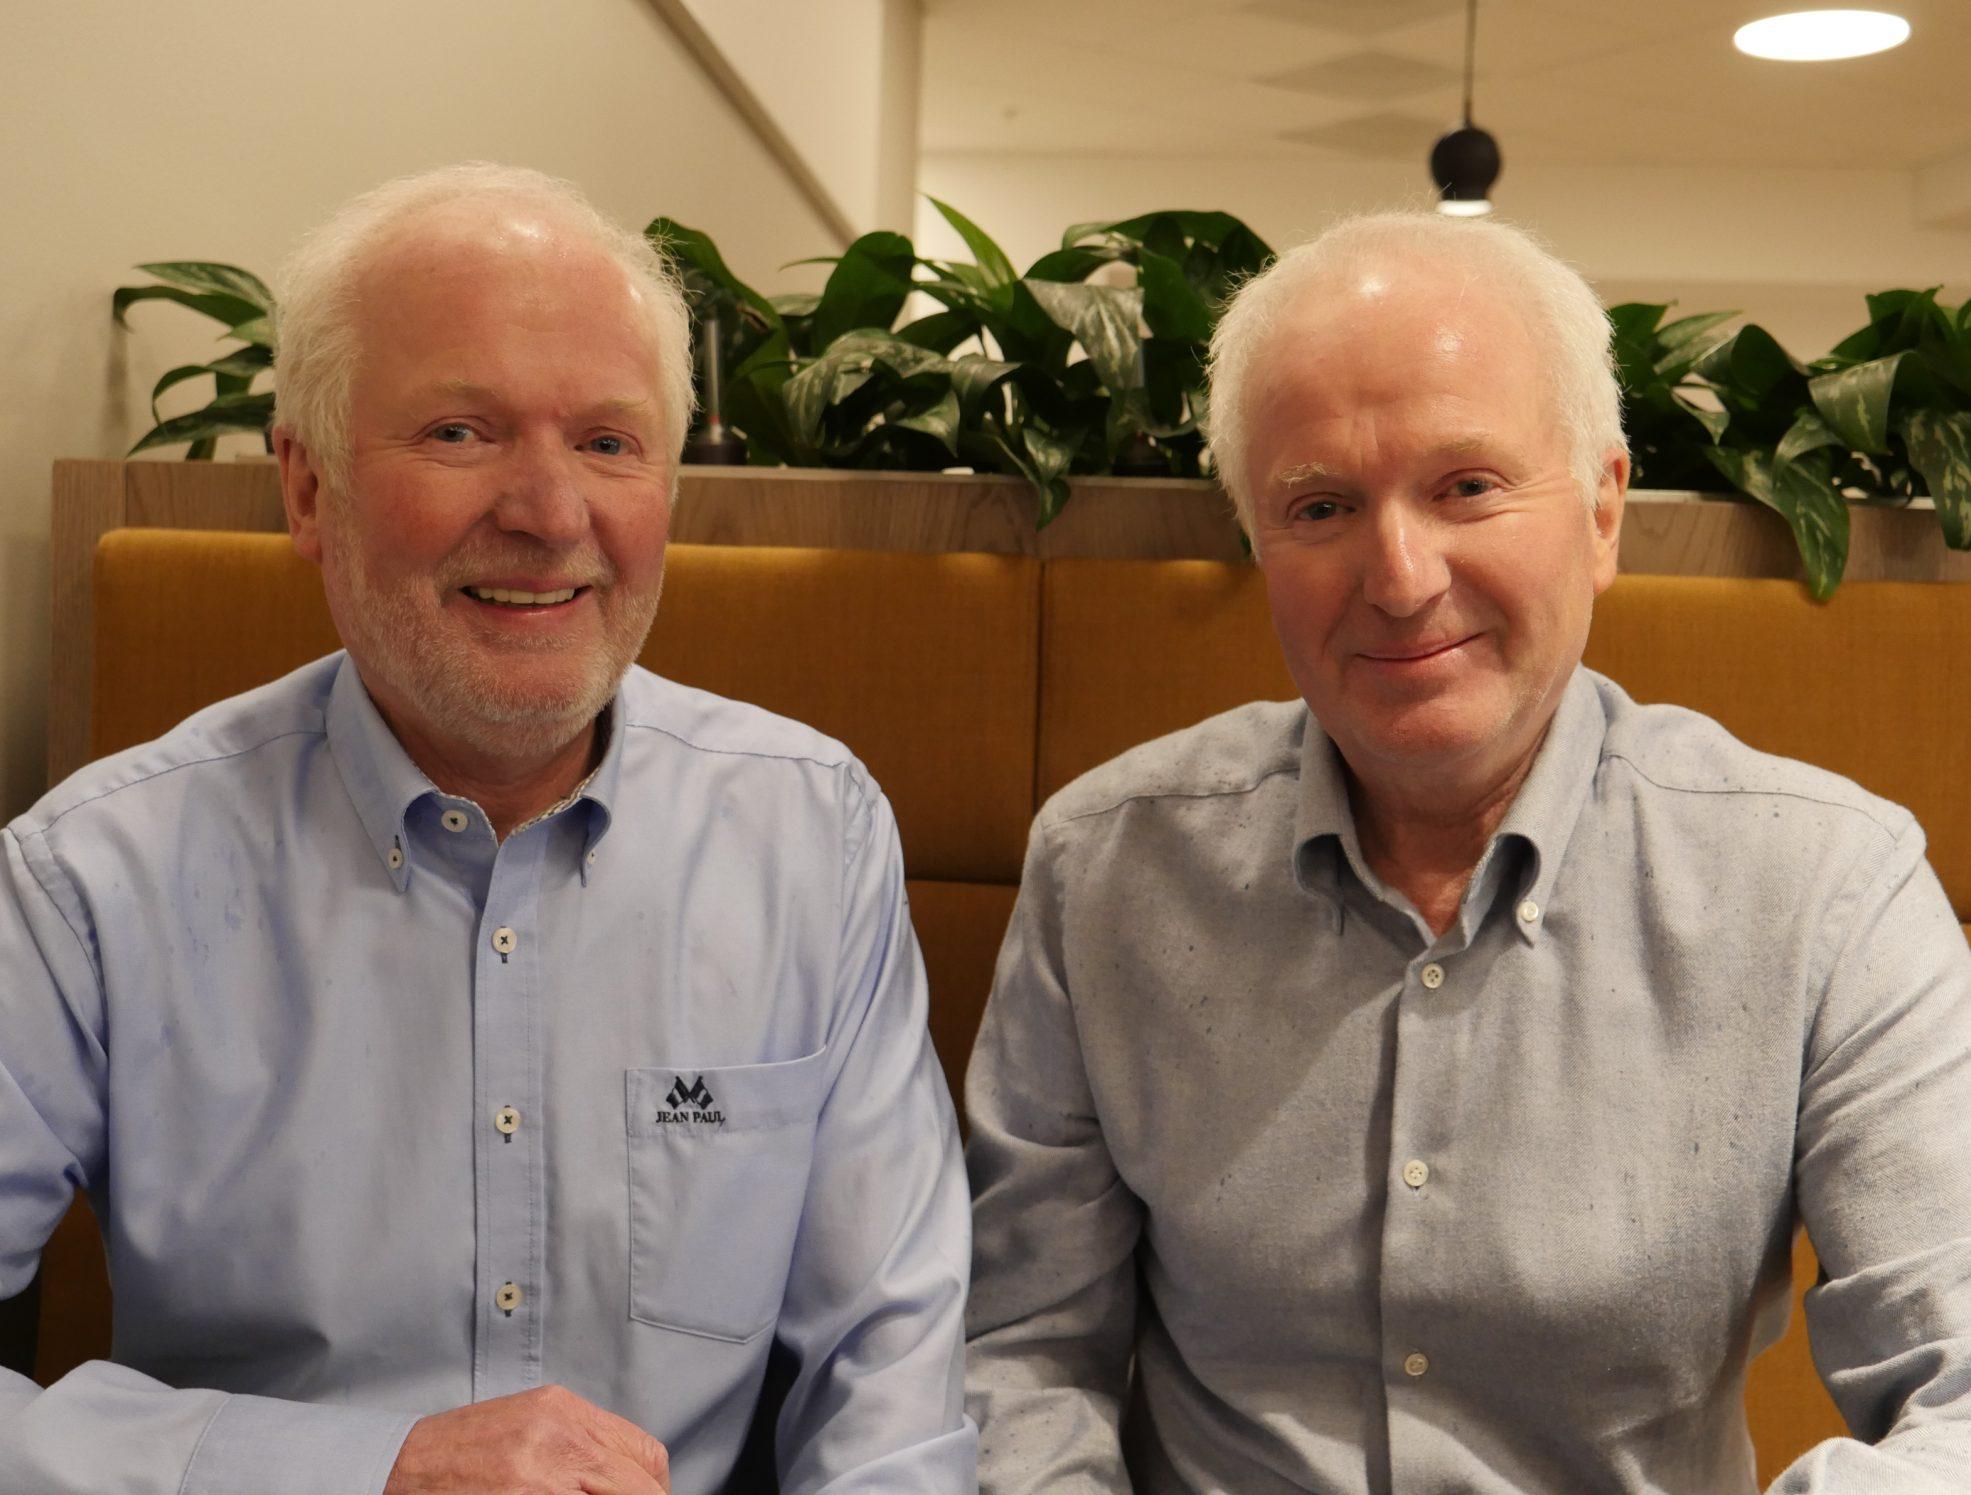 SNART PENSJONISTER? Etter 50 år hver i velferdsetatens tjeneste tenkte Svein (til venstre) og Magne Fladby å gå av med AFP da de fylte 65 år i fjor. Begge ble bedt om å utsette pensjonisttilværelsen.